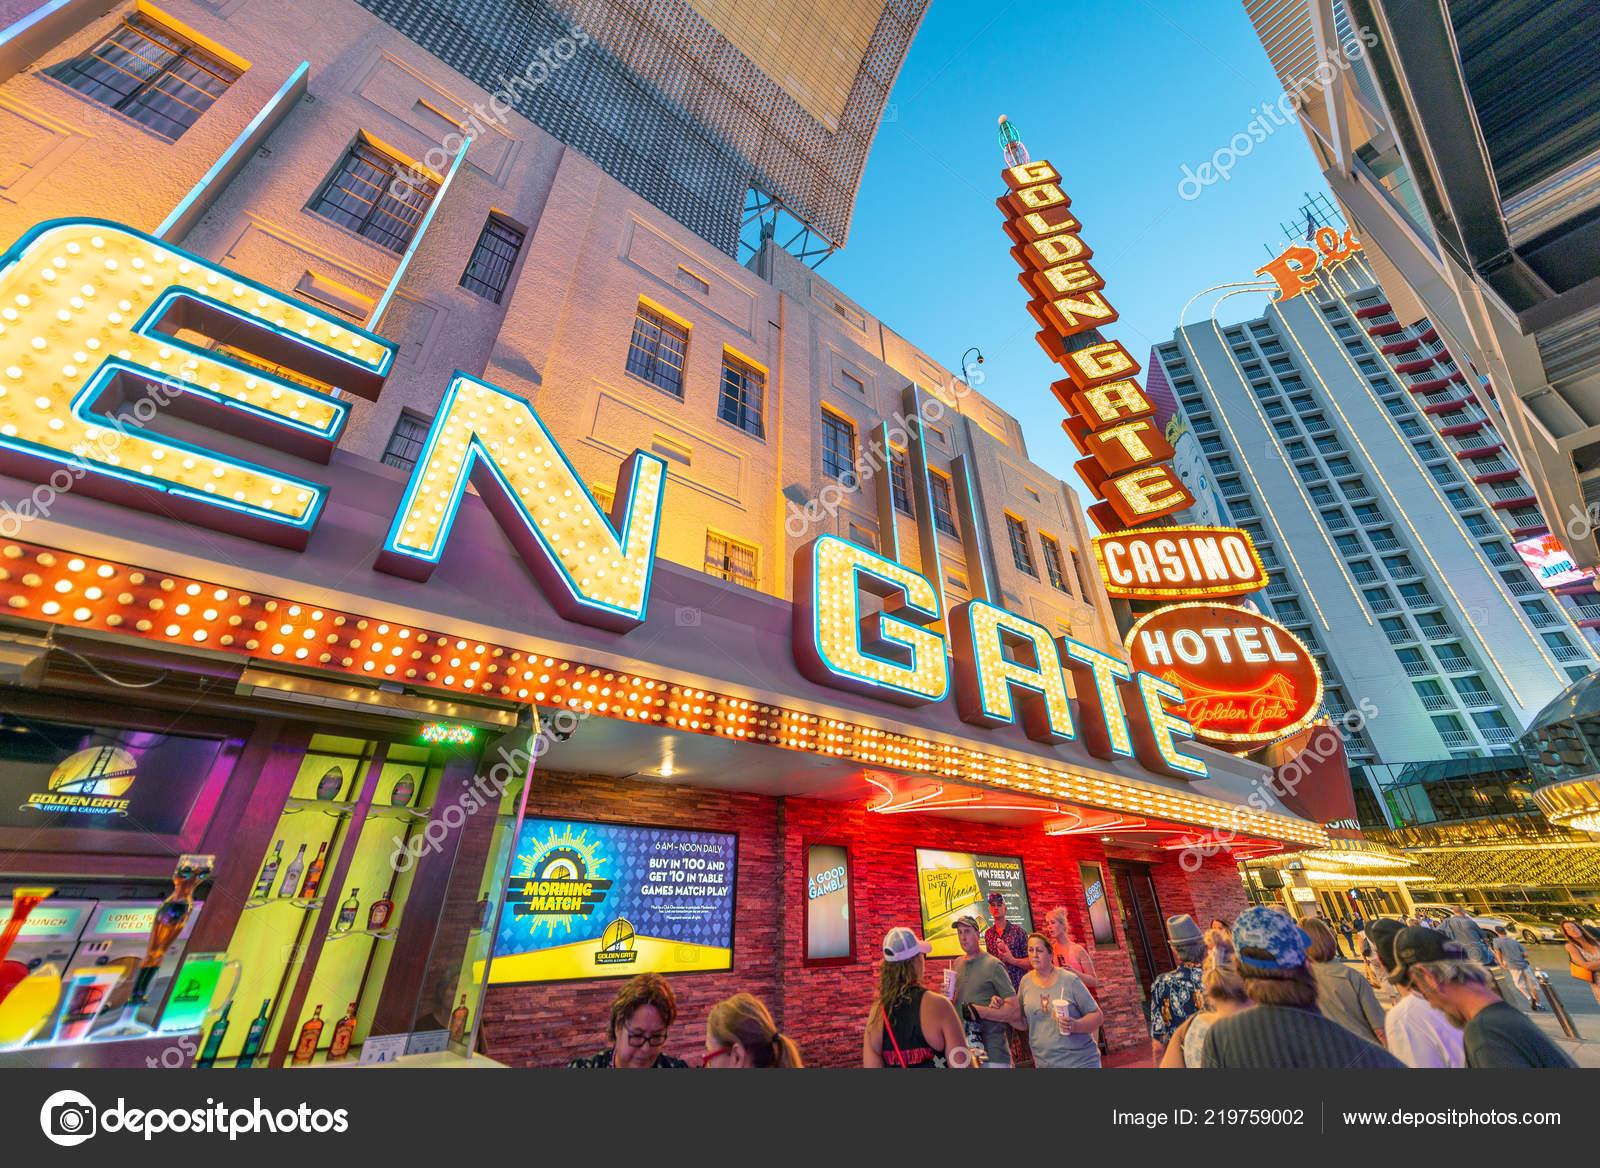 Las Vegas June 2018 Downtown Las Vegas Lights Nightlife